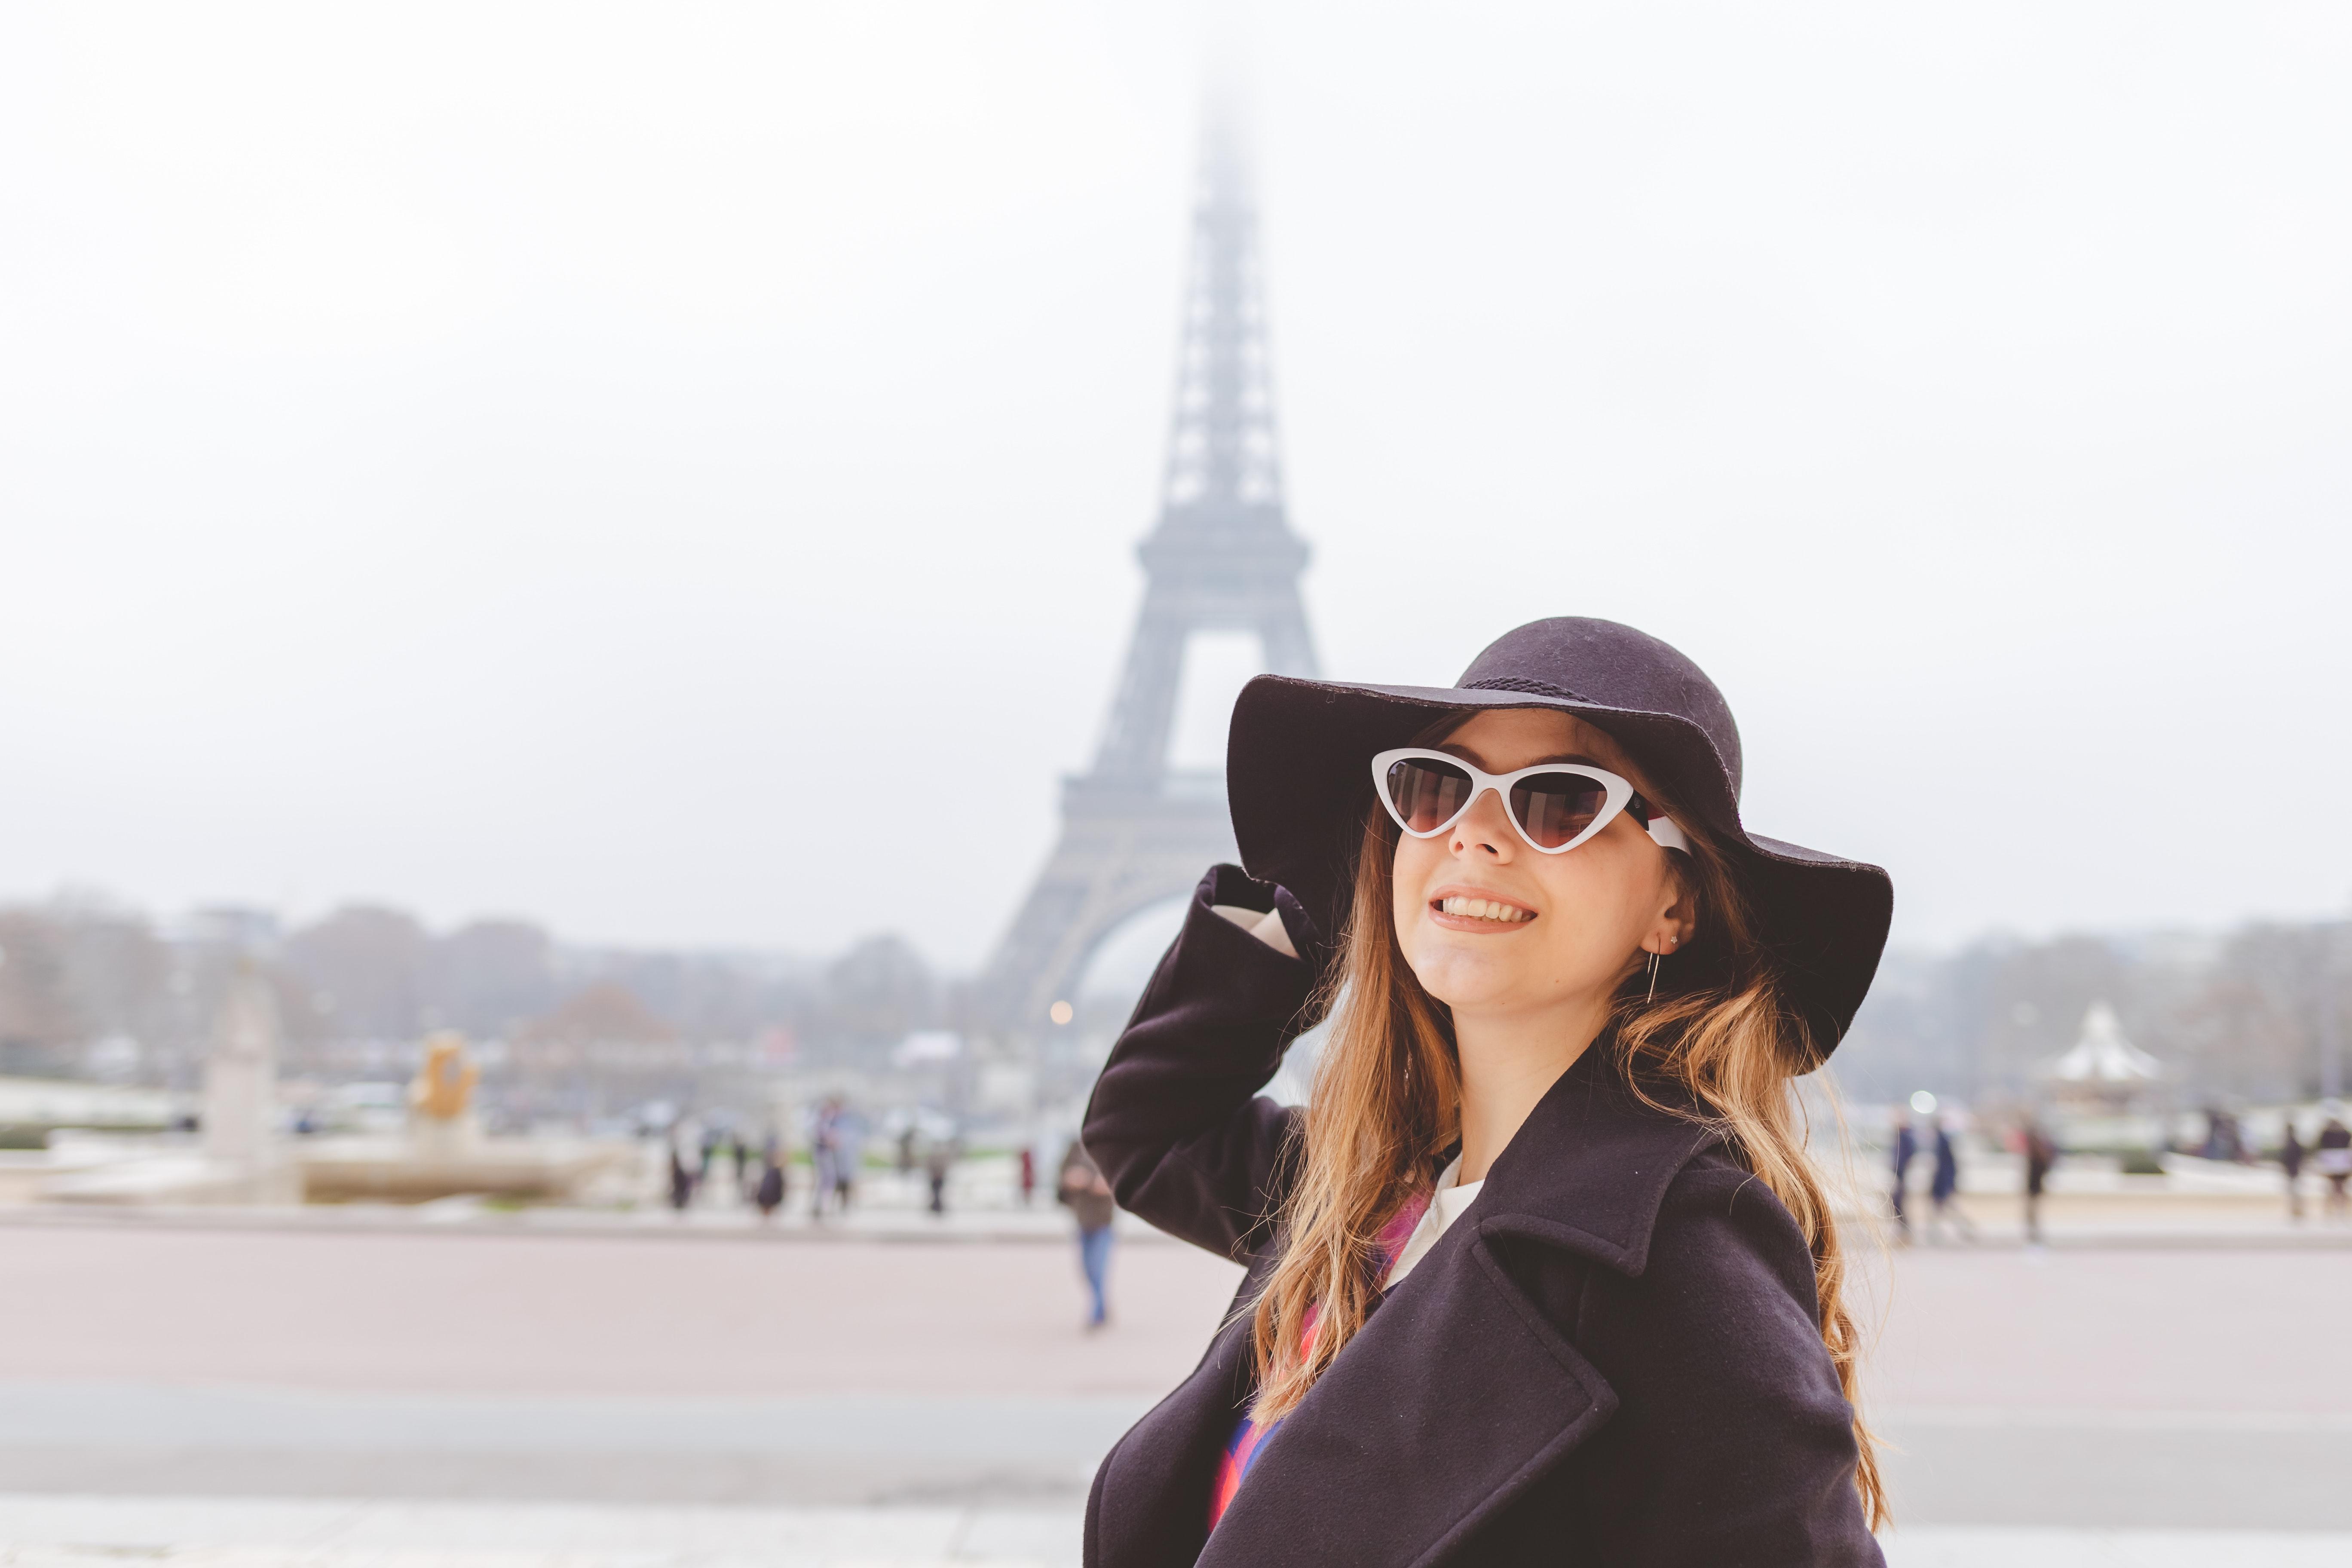 Mädchen vor dem Eiffelturm